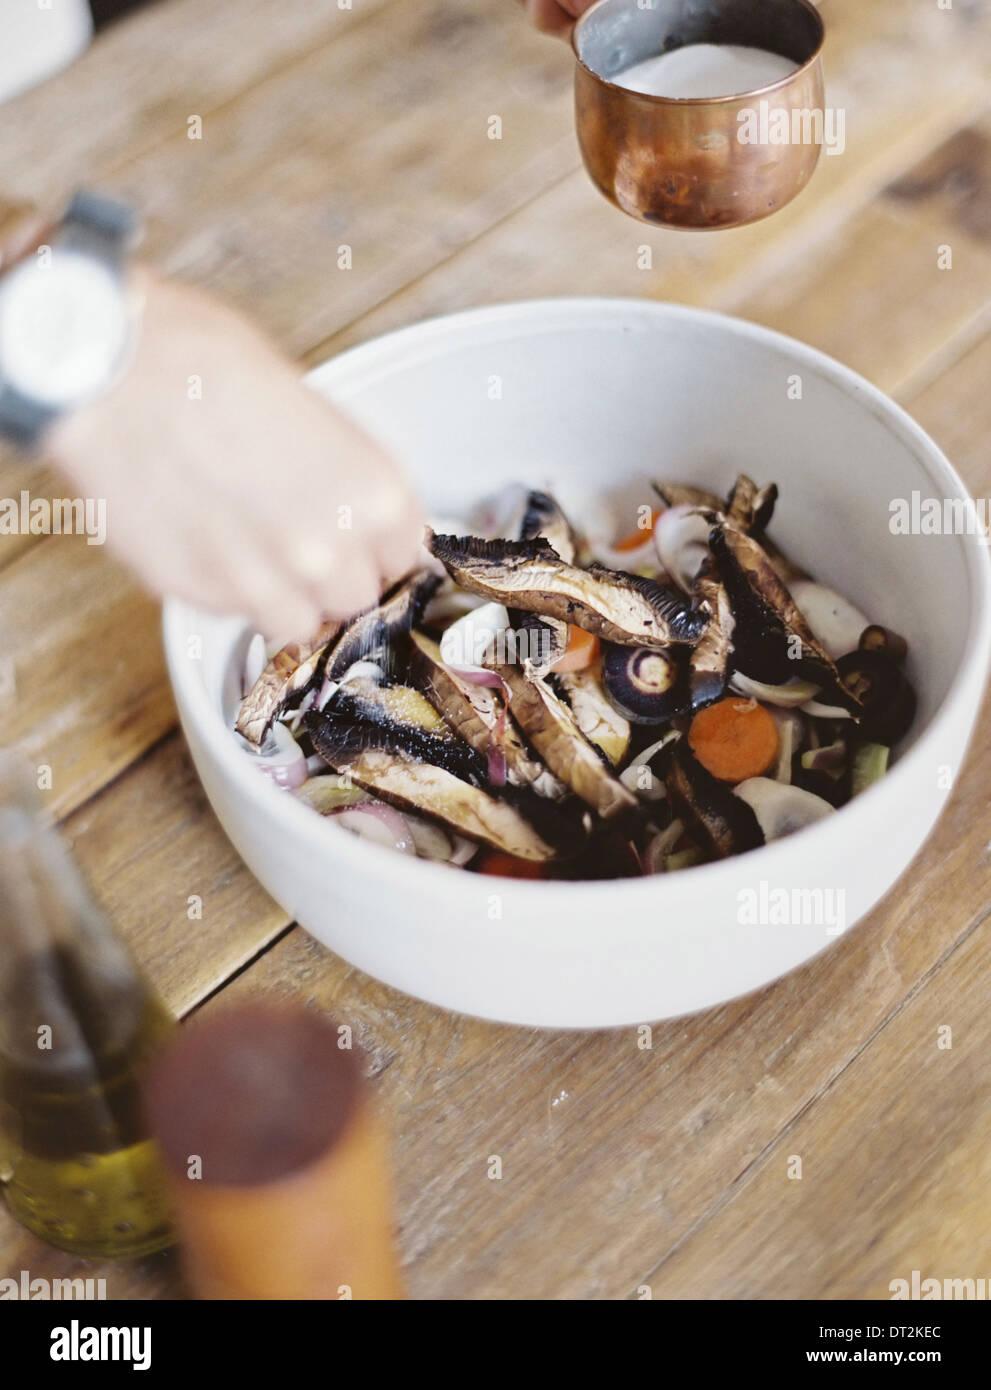 Una cucina domestica una ciotola di fresche verdure tritate in una ciotola bianca la mano di una persona di miscelazione Foto Stock